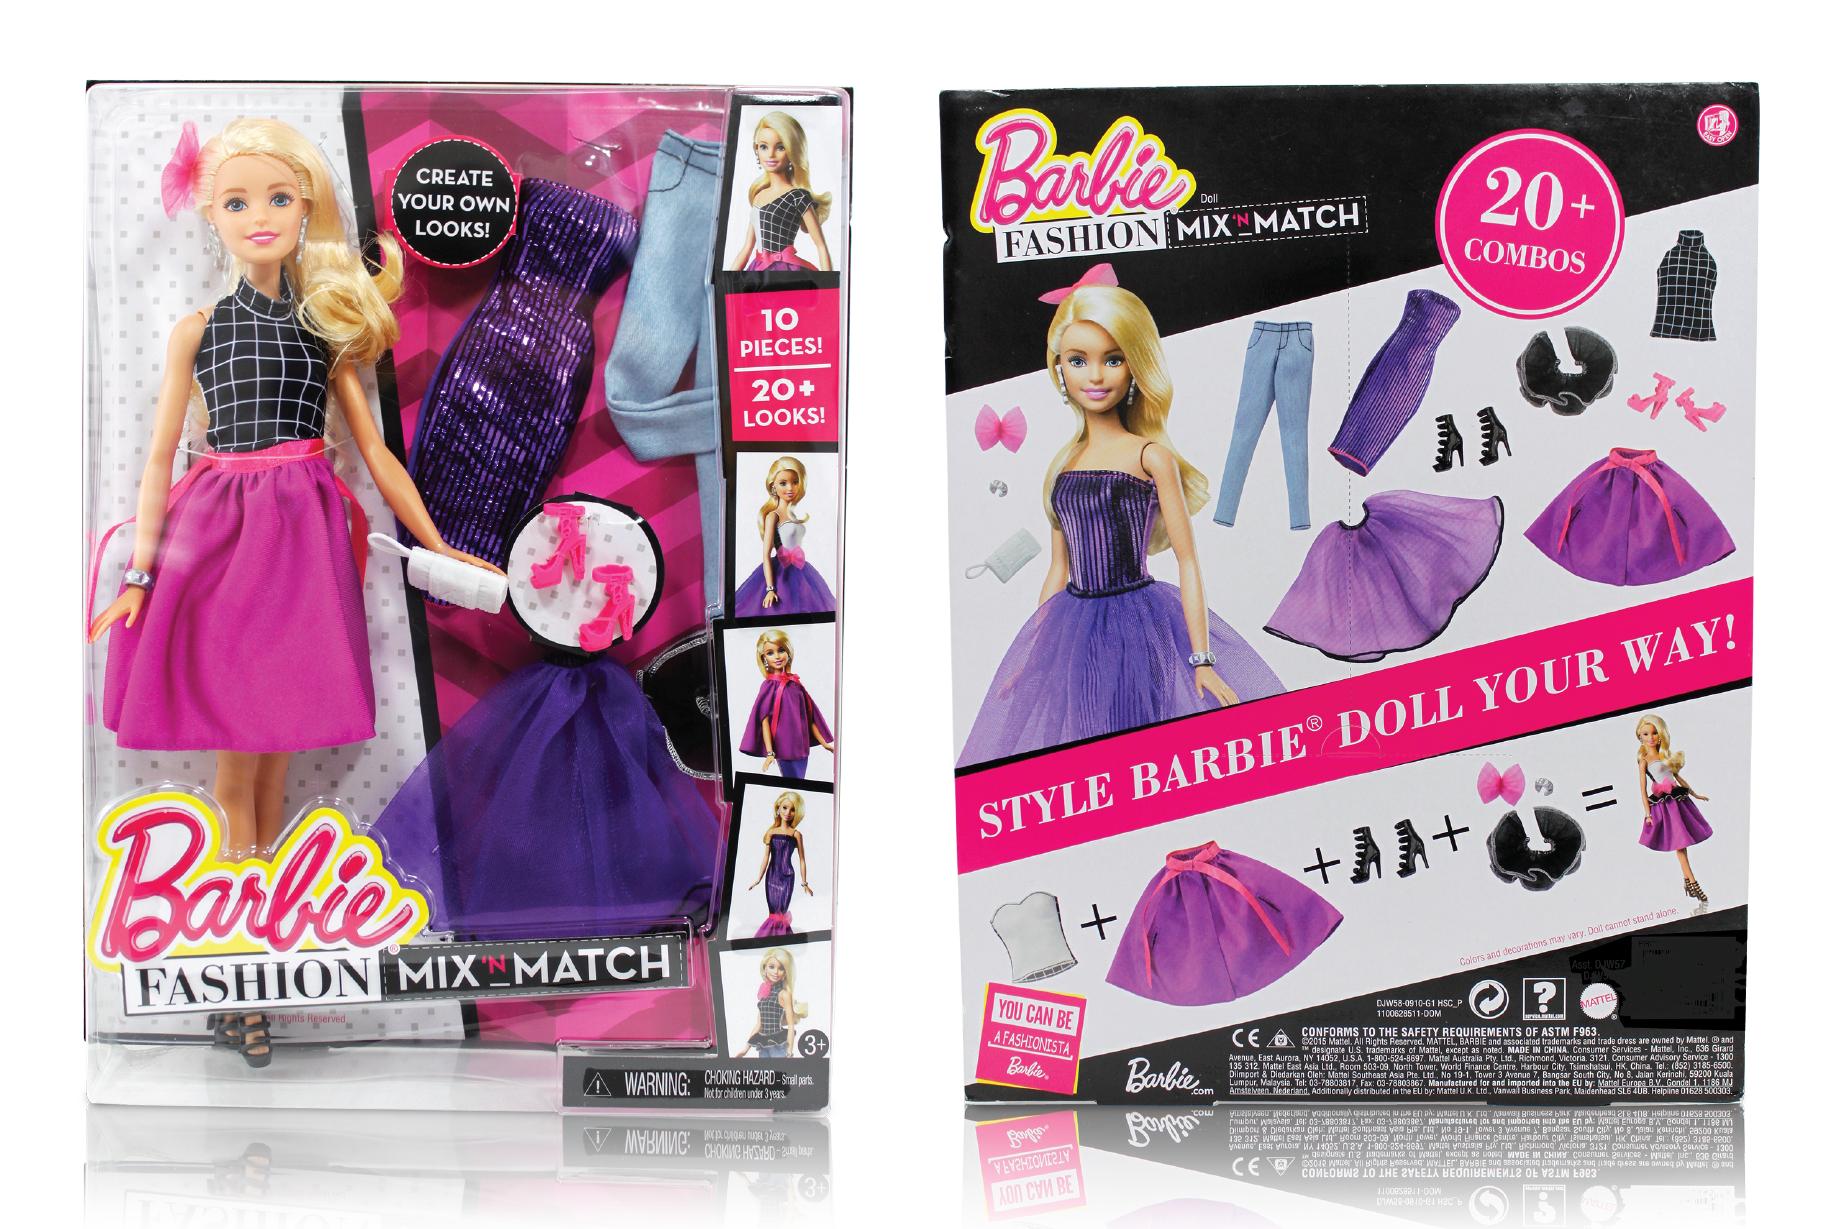 Barbie-14.png